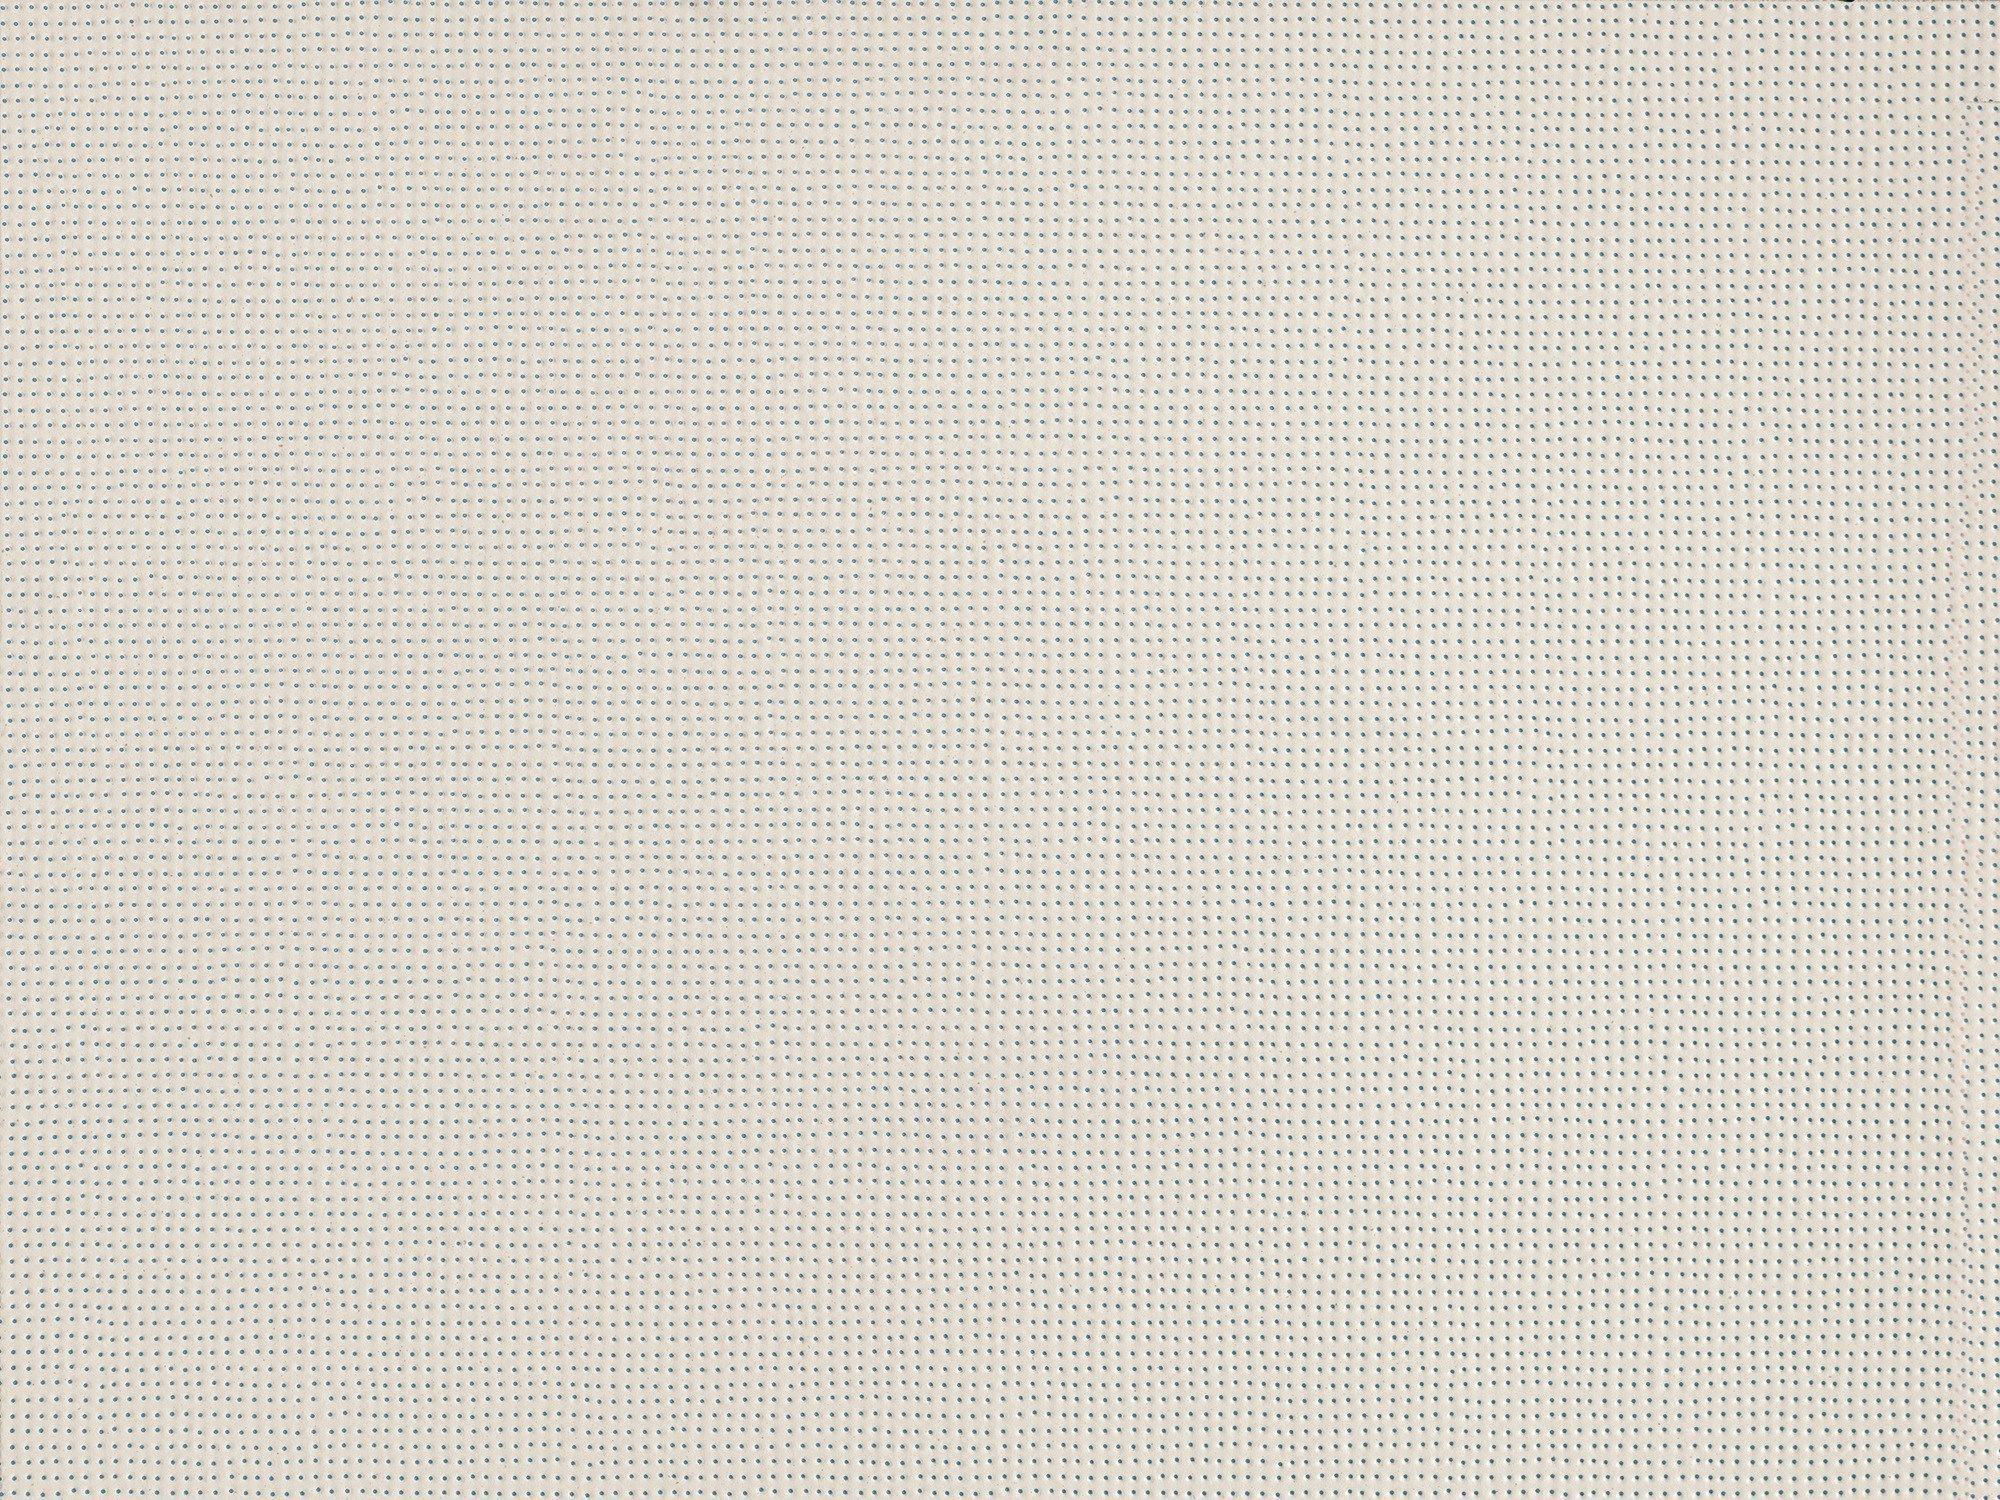 Rev tement de sol mur en gr s c rame pico blue dots blanc for Carrelage u4p4s